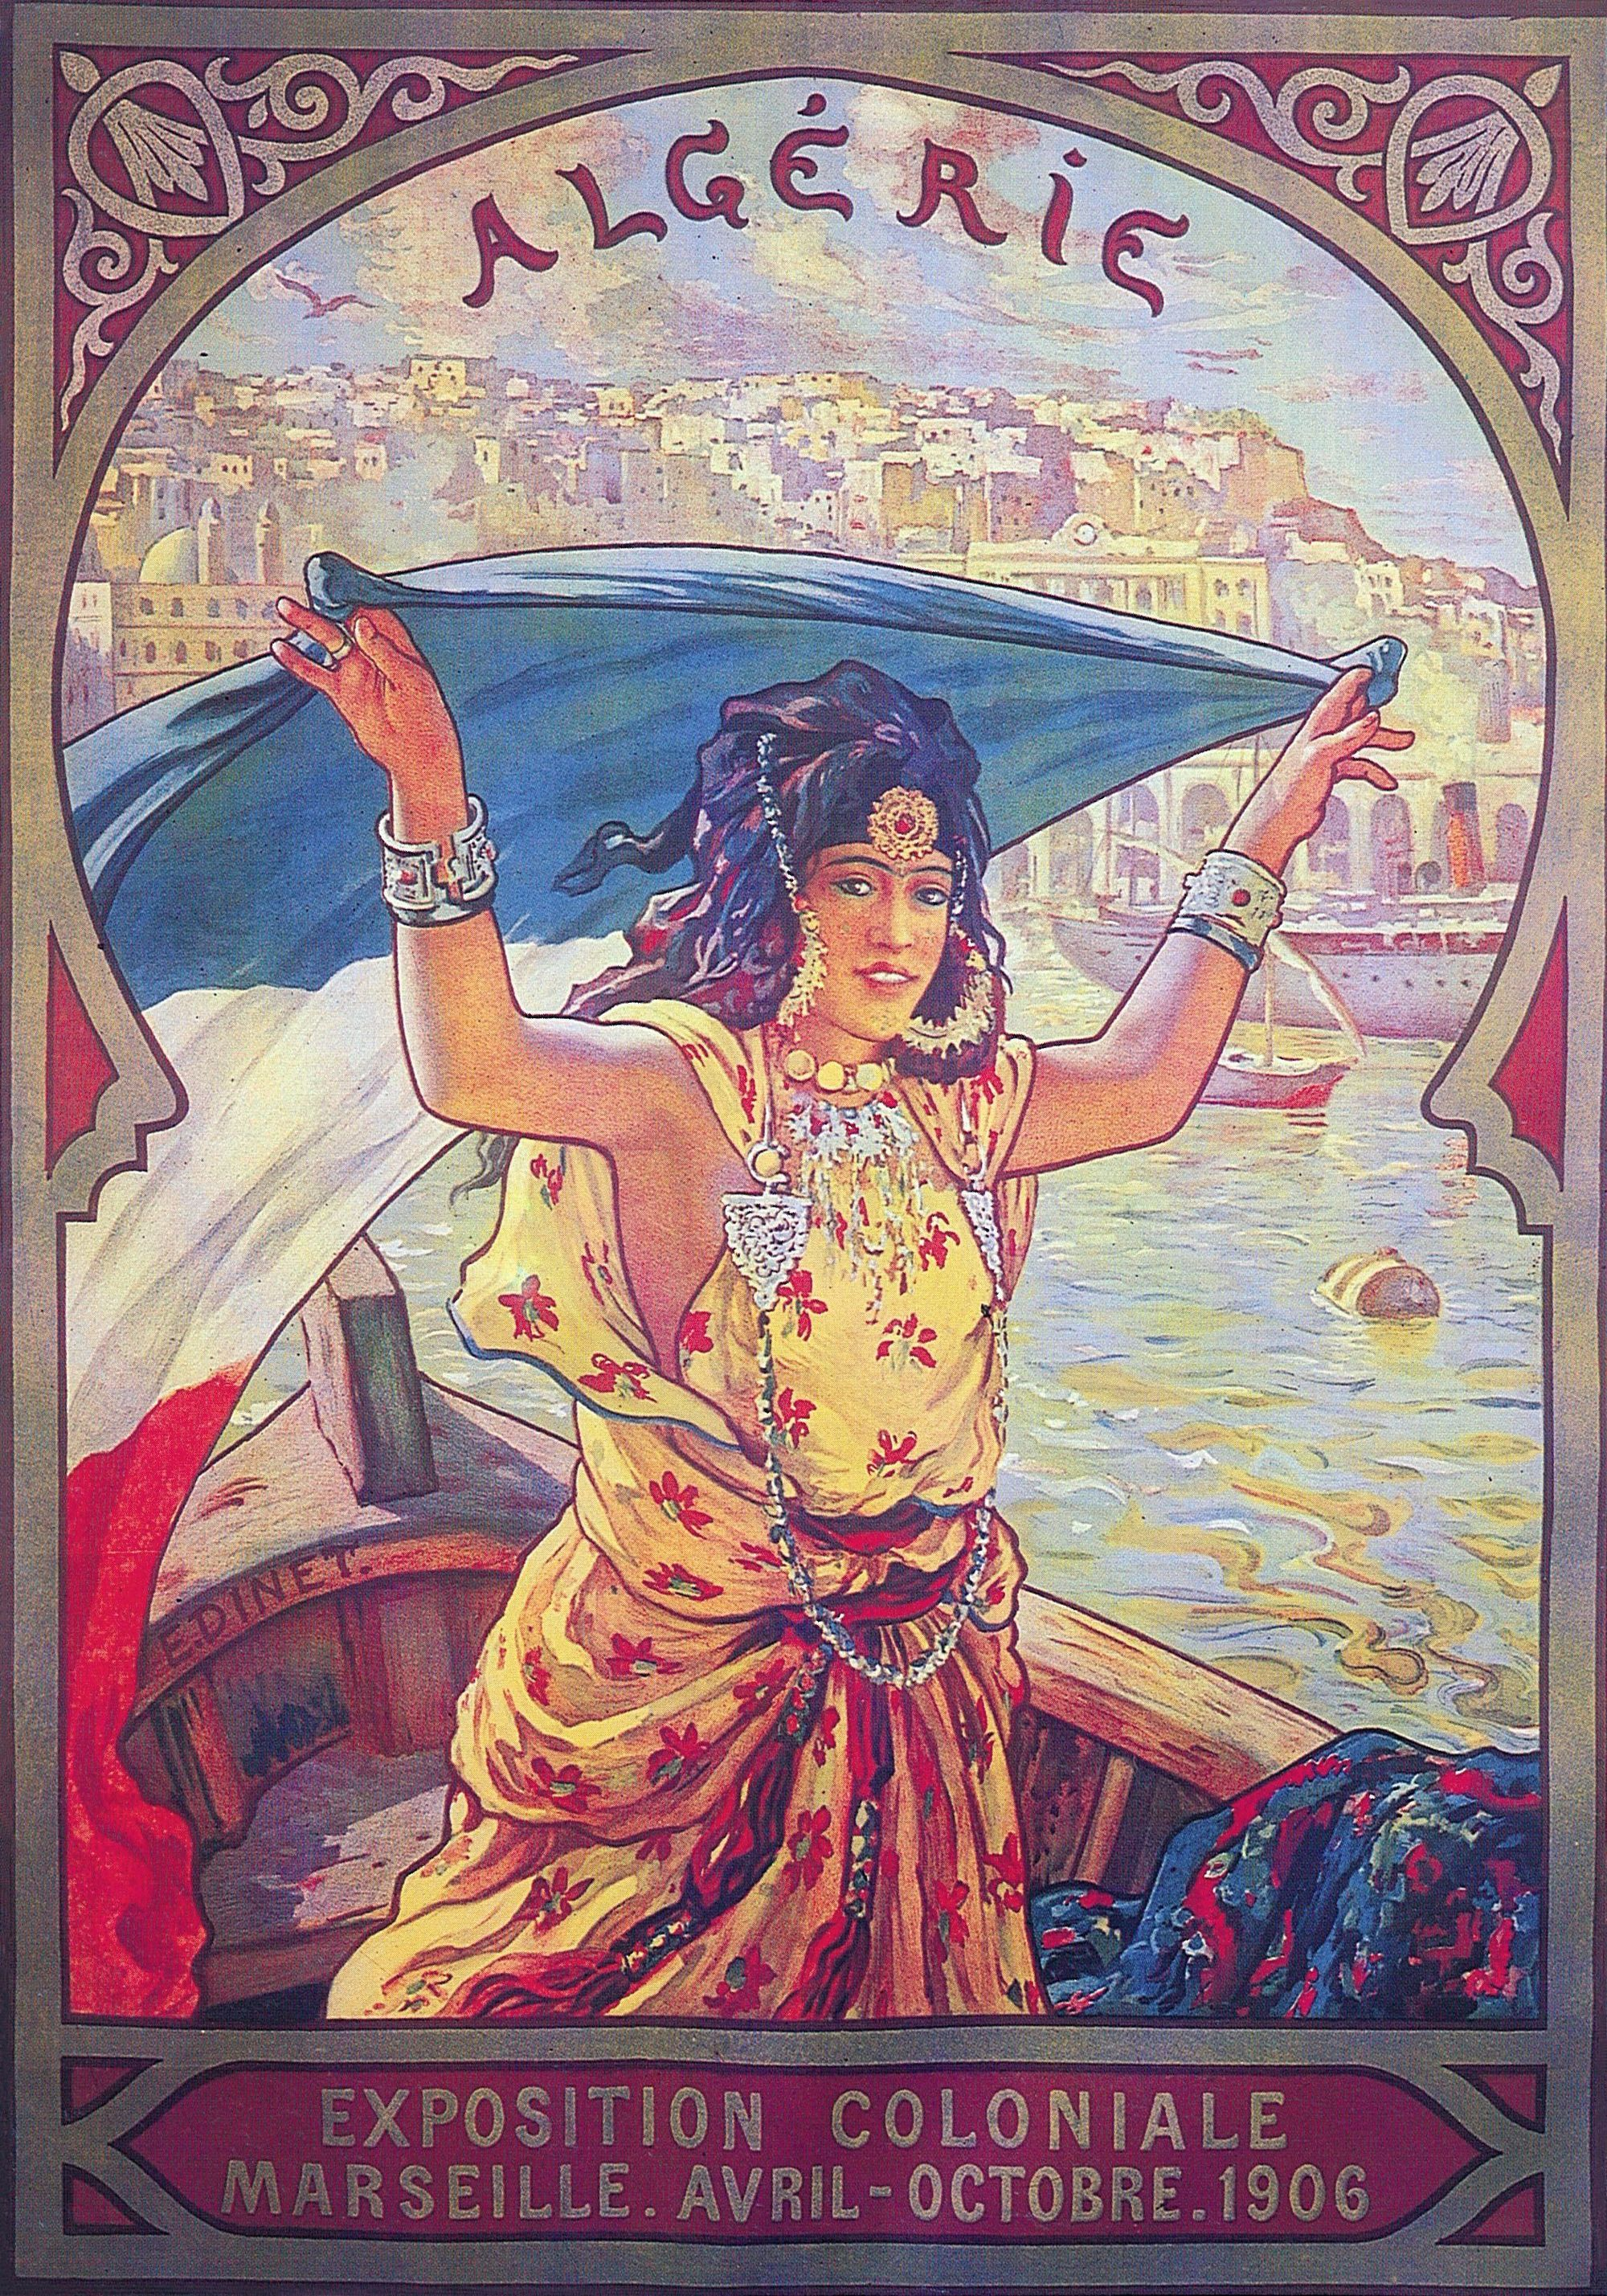 Étienne Dinet, affiche, 1906, 124 x 101 cm, Fondation Abderrahman Slaoui, Casablanca.